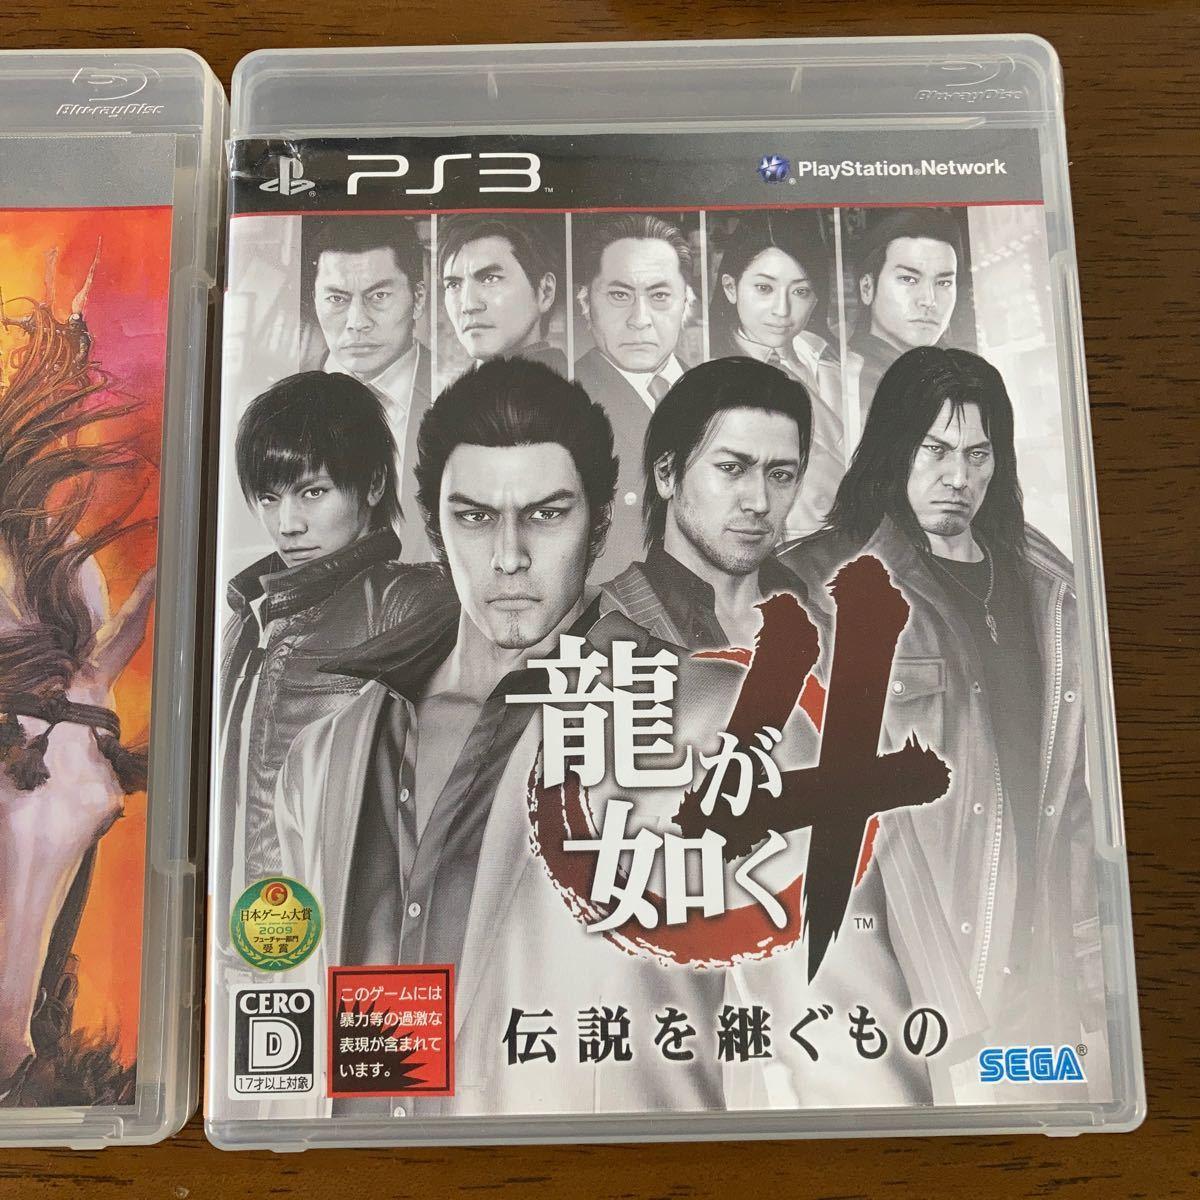 PS3 ソフトまとめ売り 龍が如く4 信長の野望 バイオハザード5